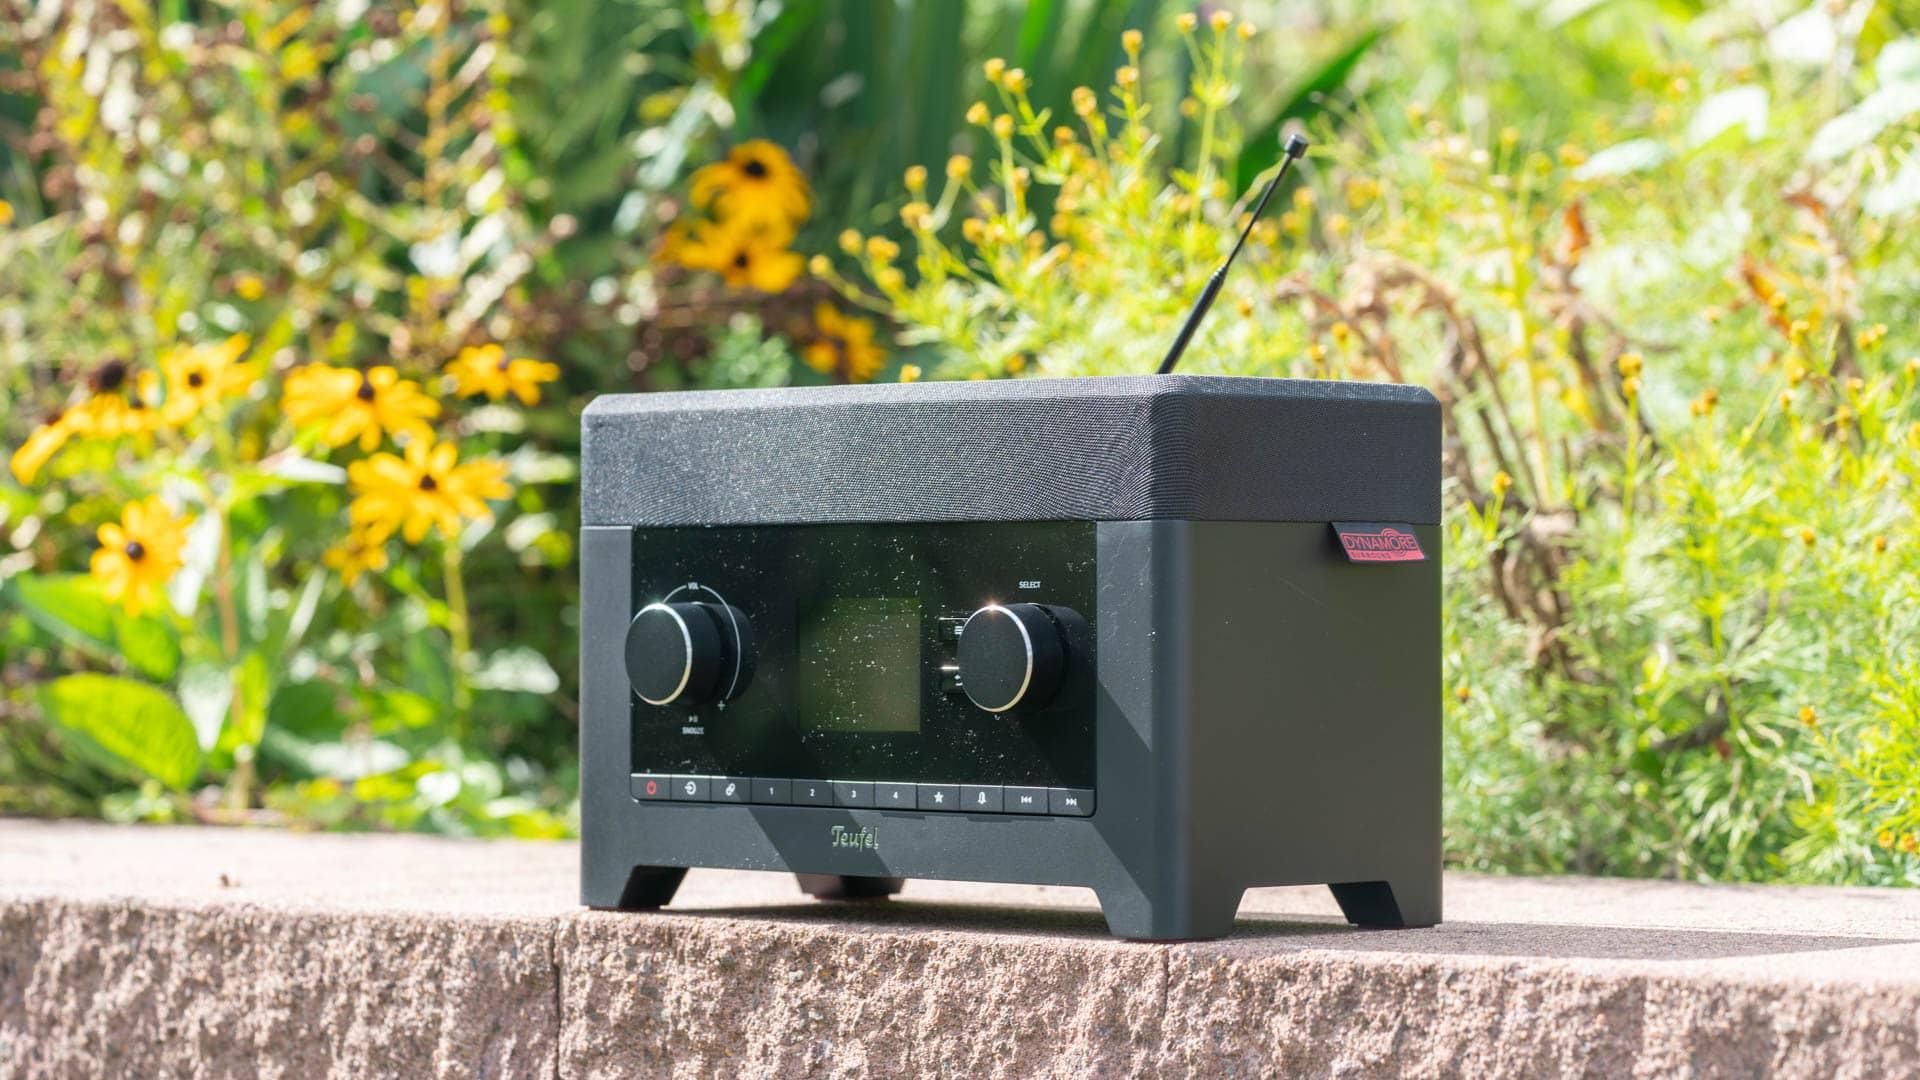 Das beste Digital/Web-Radio im Jahr 2020, das Teufel 3SIXTY im Test